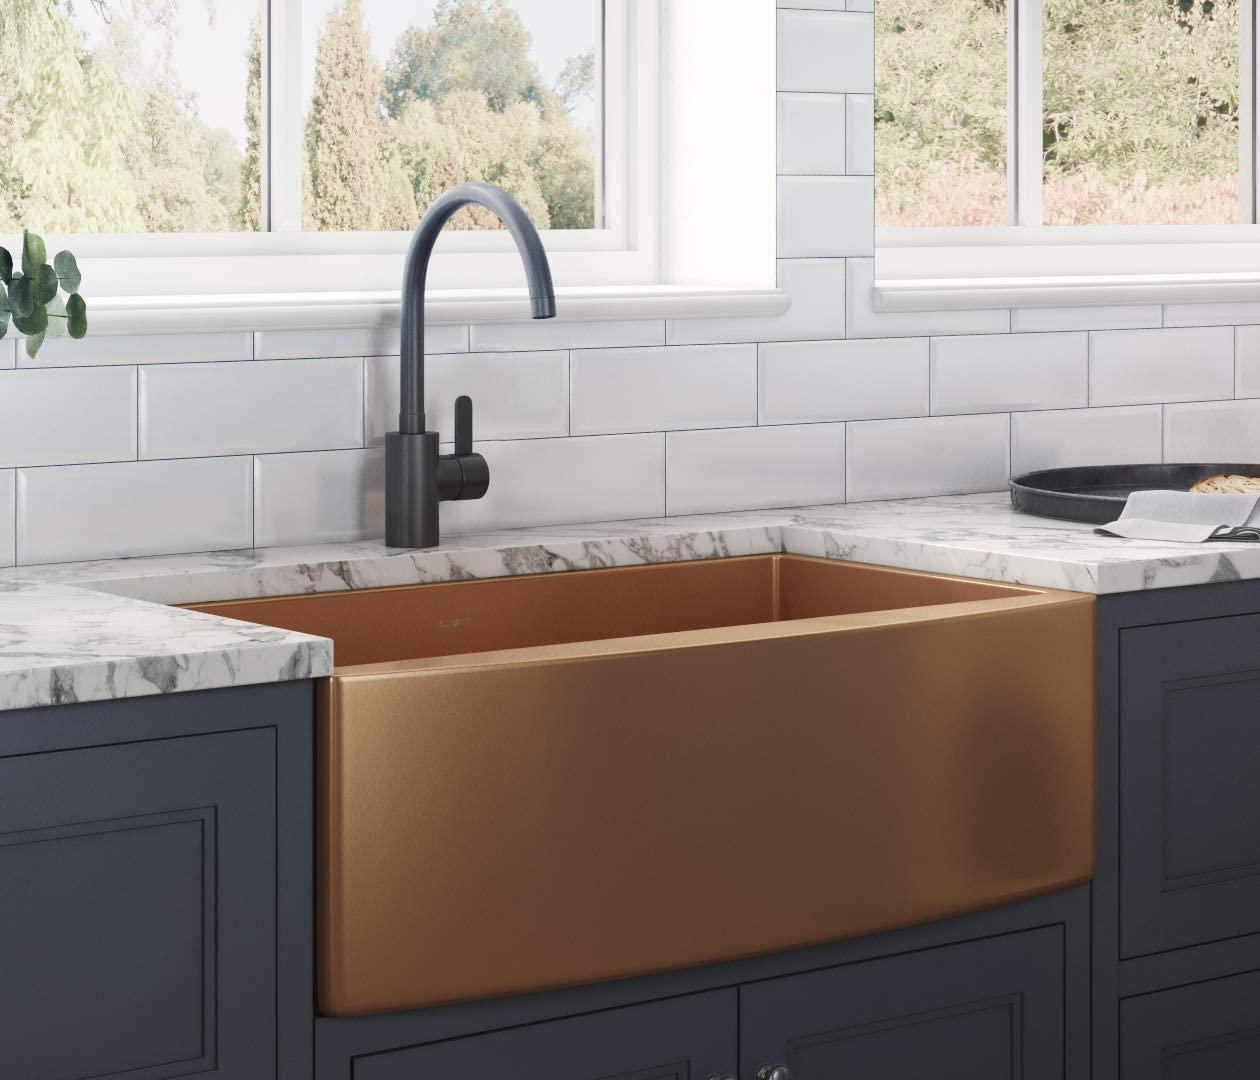 Ruvati Copper Tone 33-inch Apron-Front Farmhouse Kitchen Sink